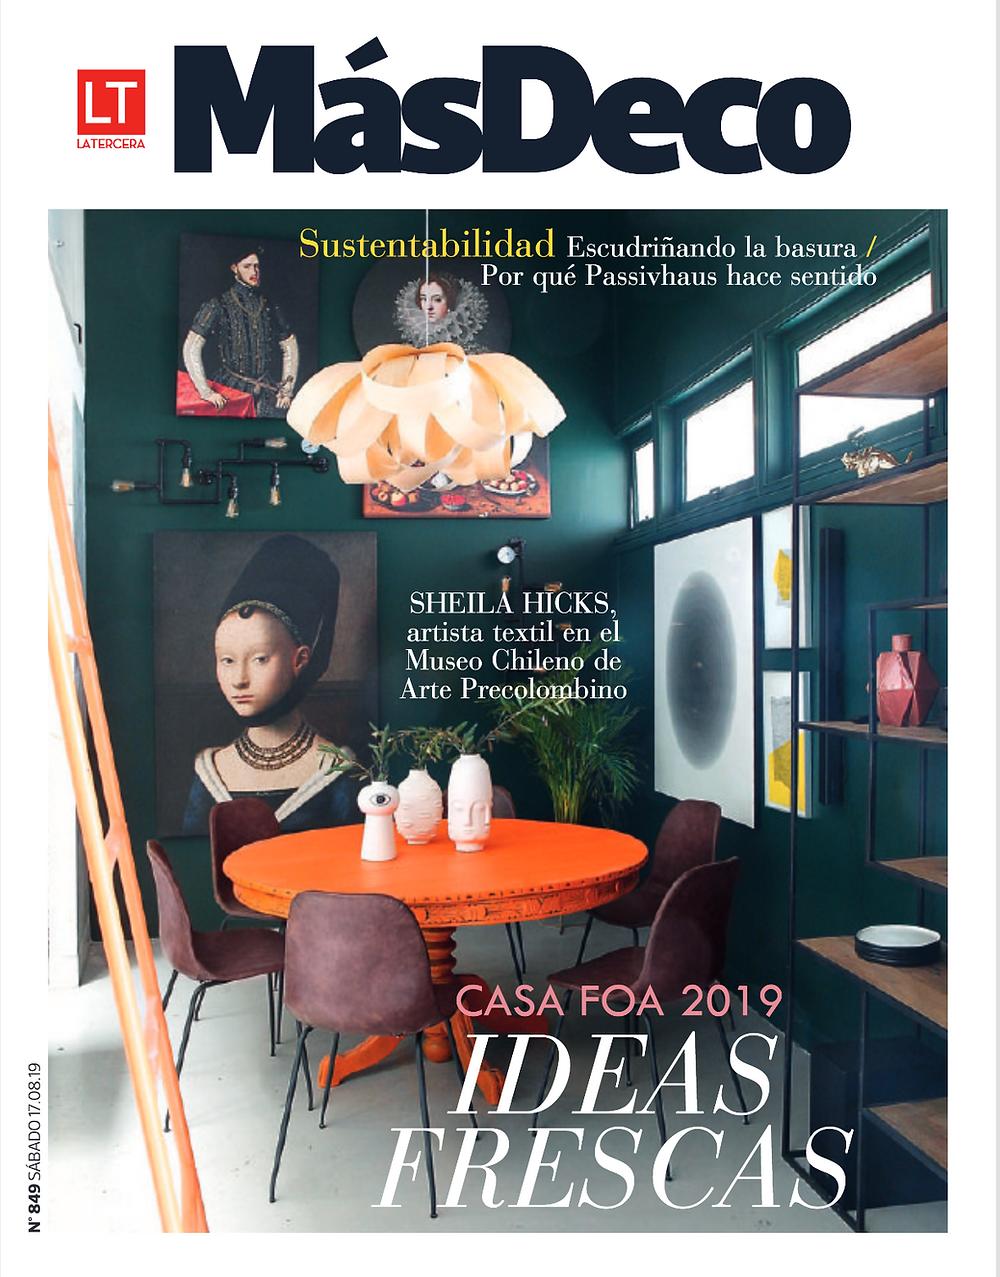 Portada revista Más deco 17.08.19